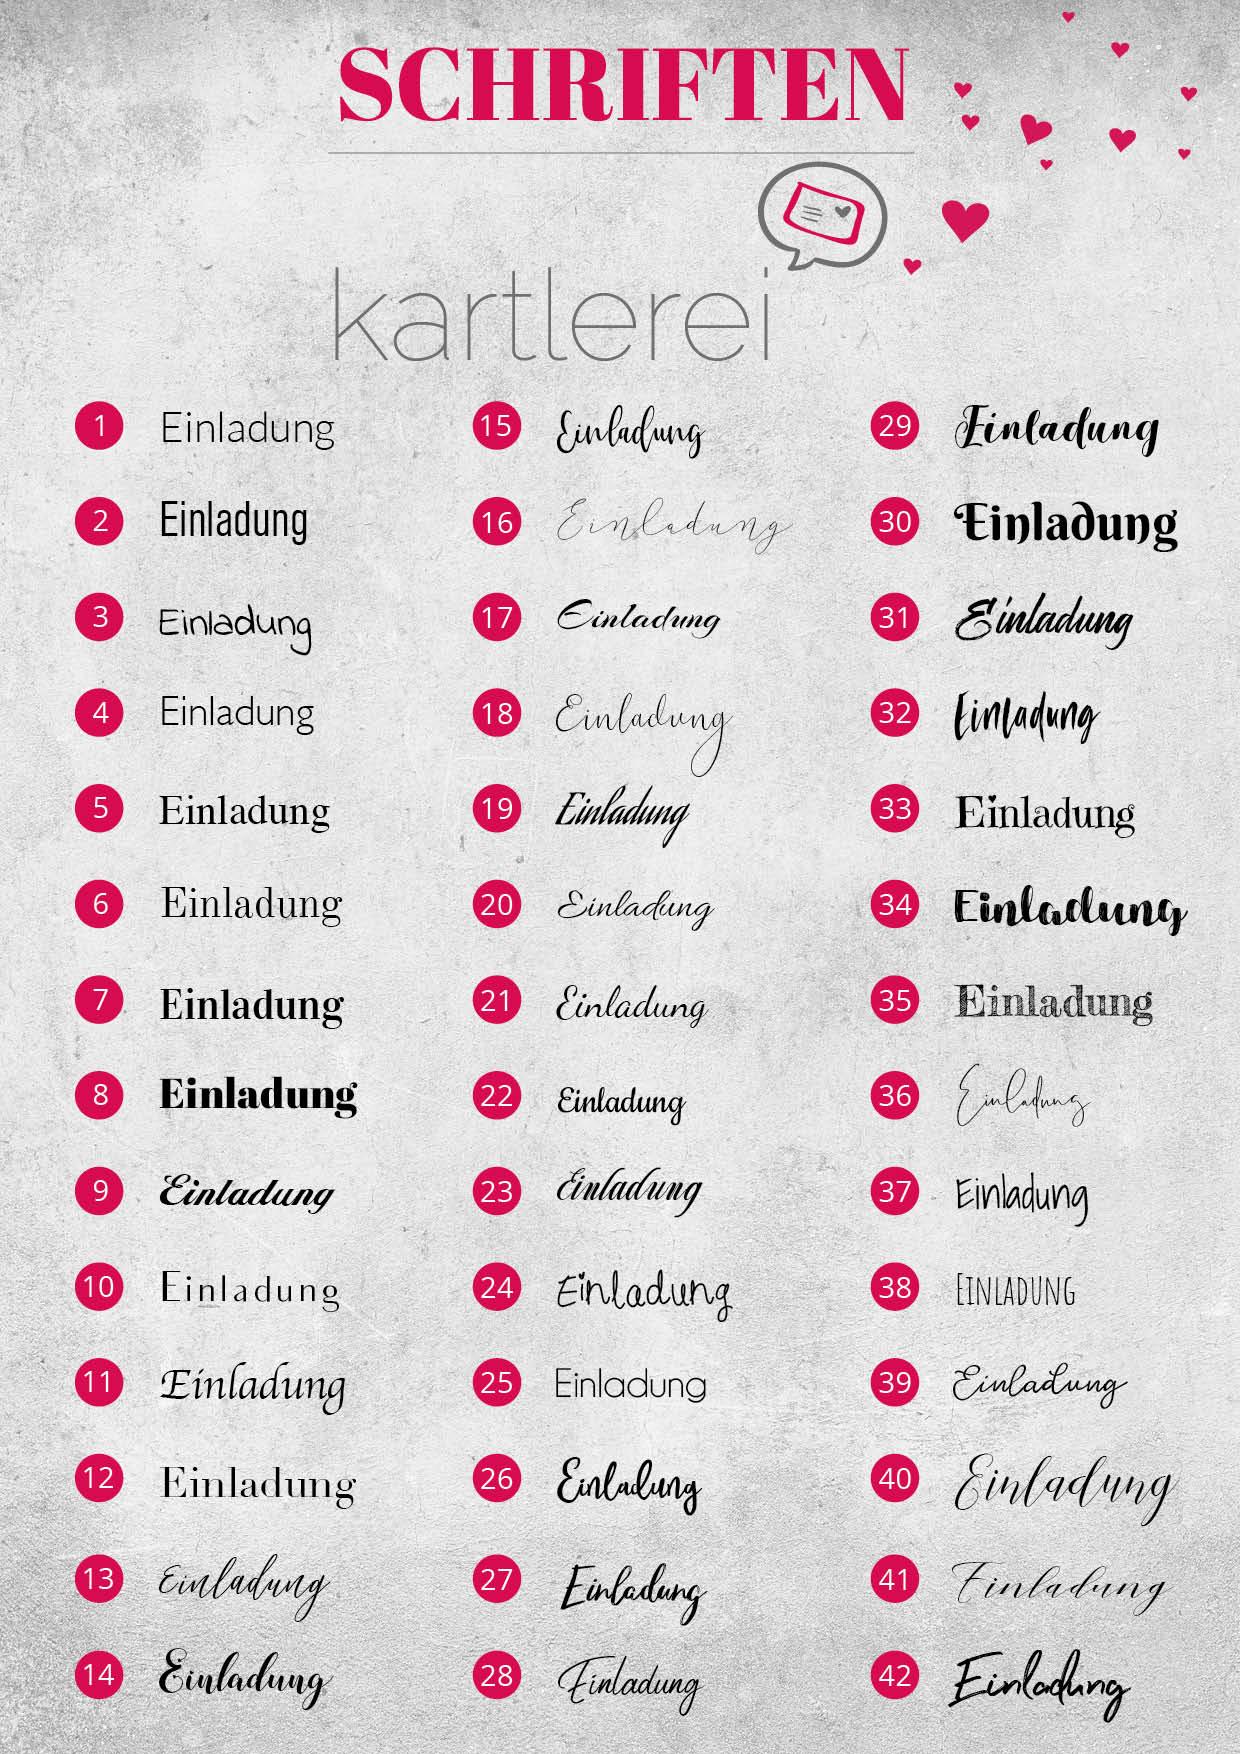 kartlerei schriften 2022 - Schriftenauswahl